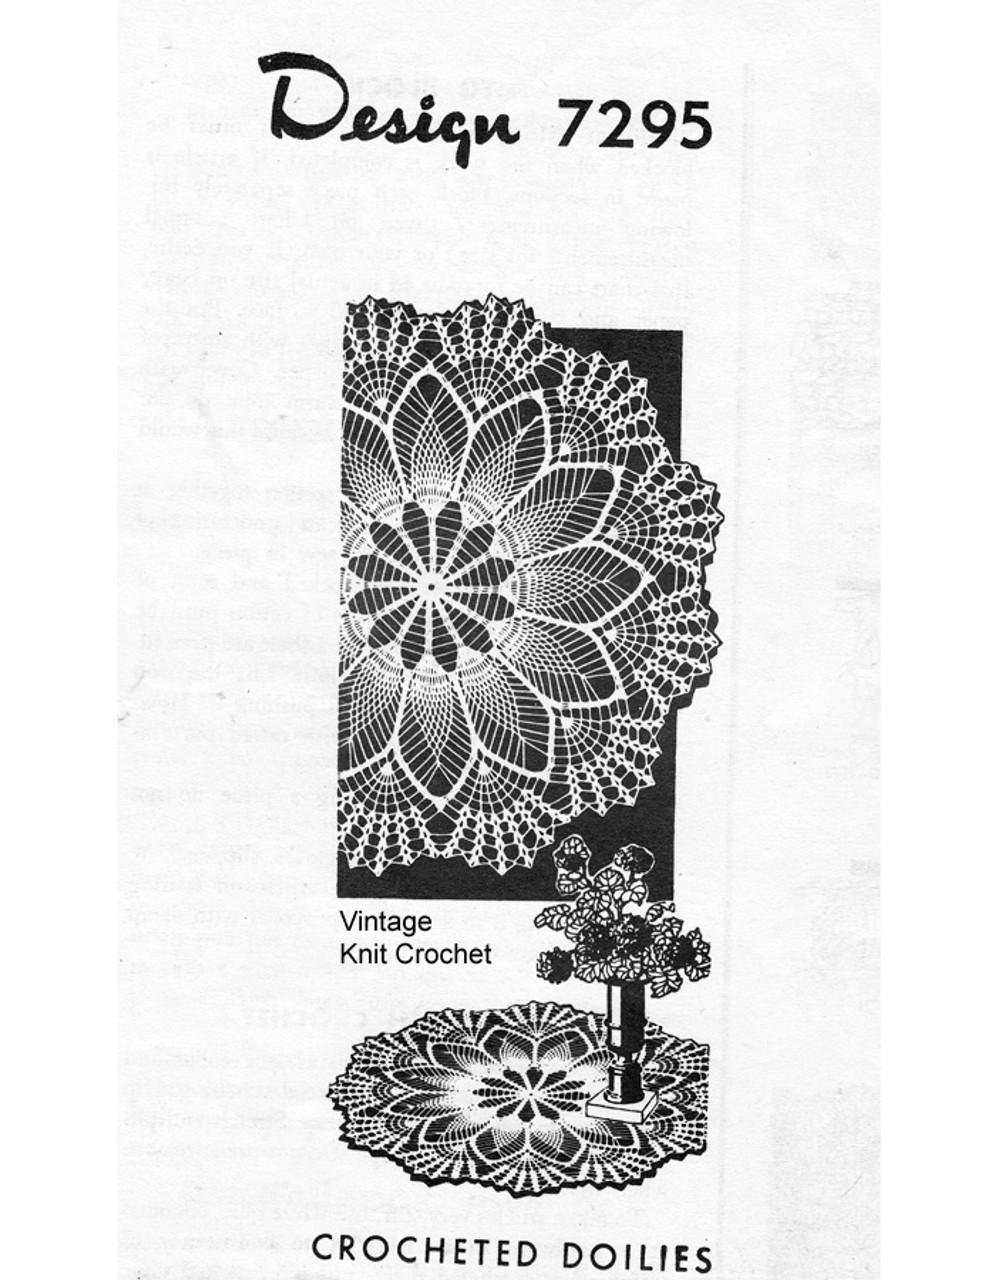 Mail Order Crochet Pineapple Doily Pattern, Shell Border, Design 7295